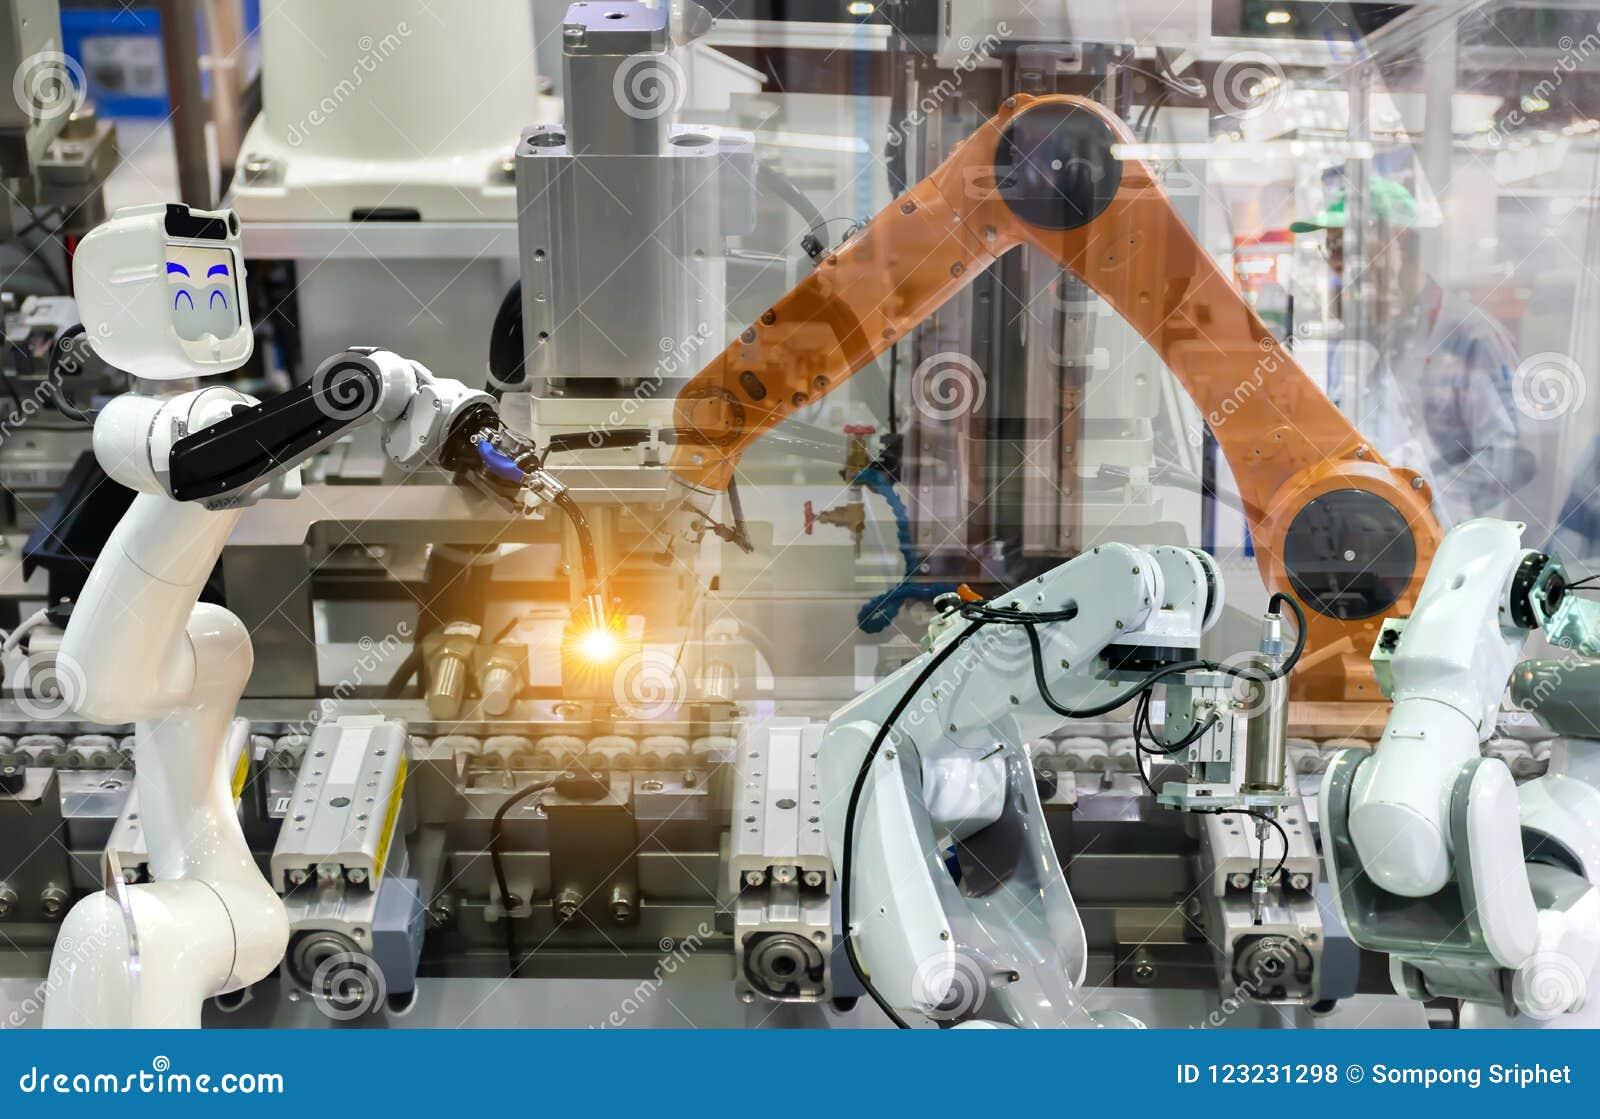 Braccio meccanico del robot industriale di fabbricazione delle componenti elettroniche